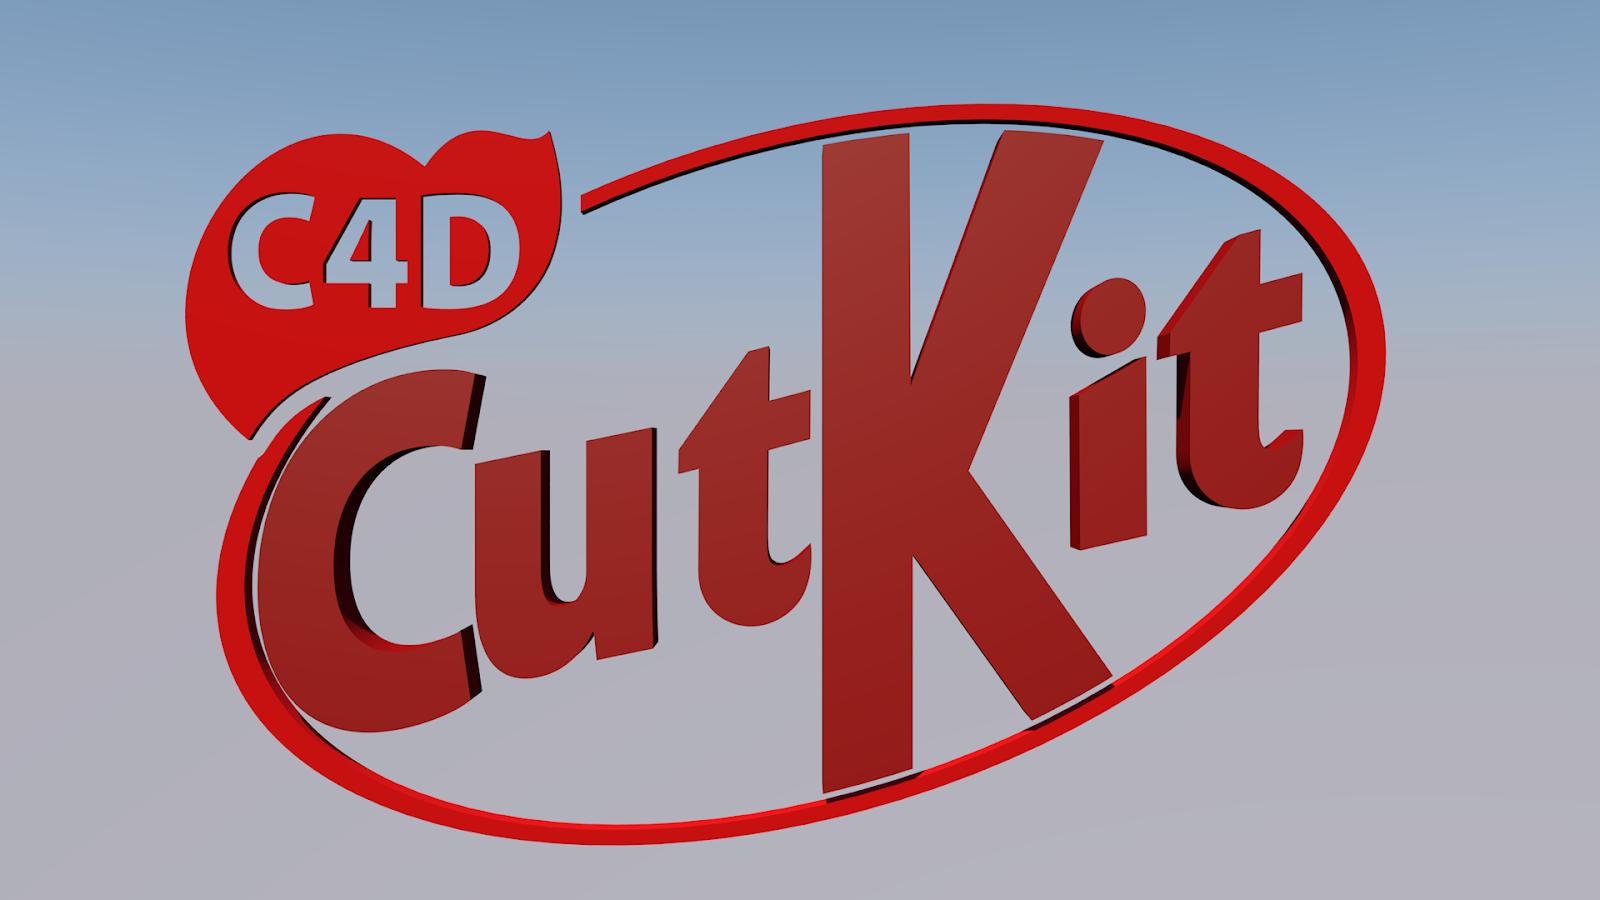 Cinema 4d manual update